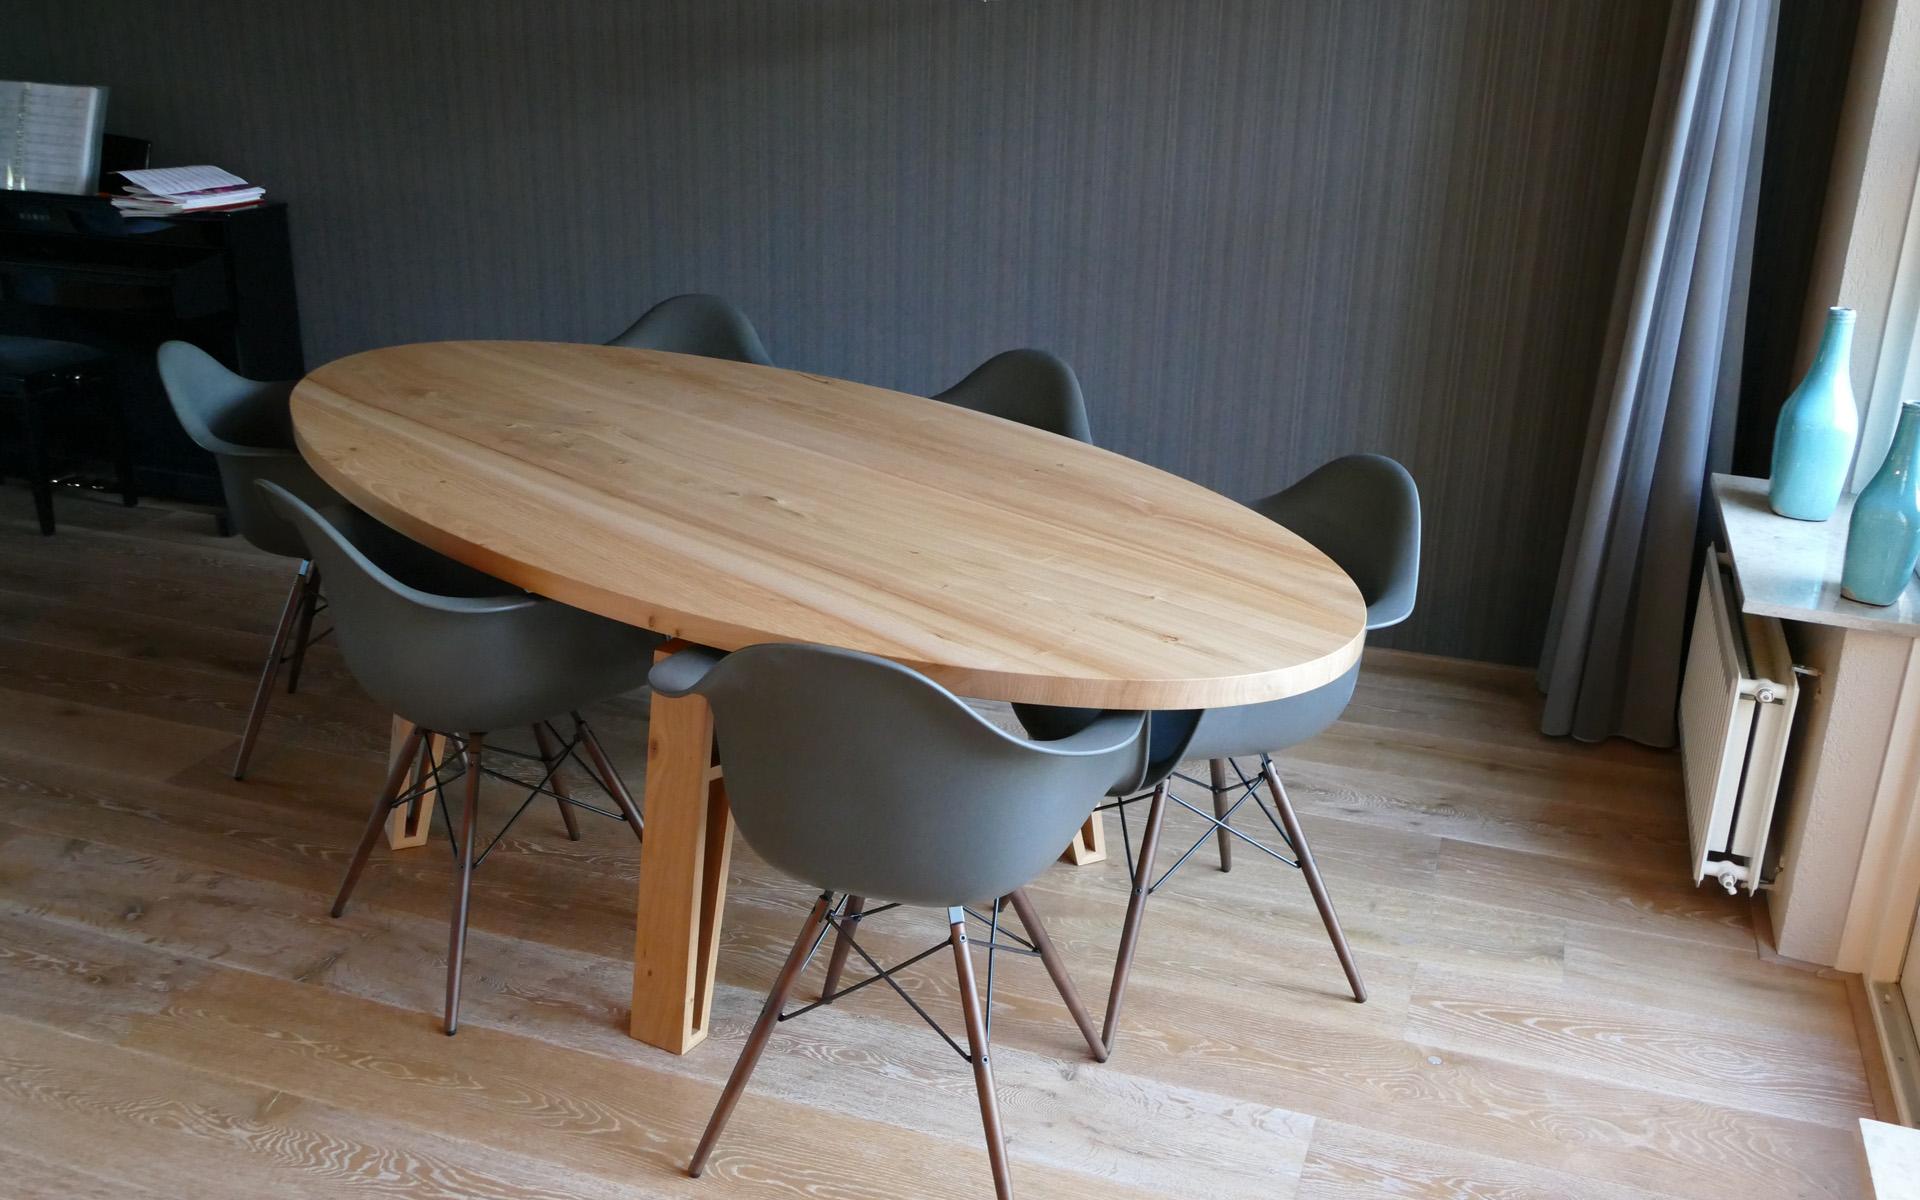 iepenhout eettafel